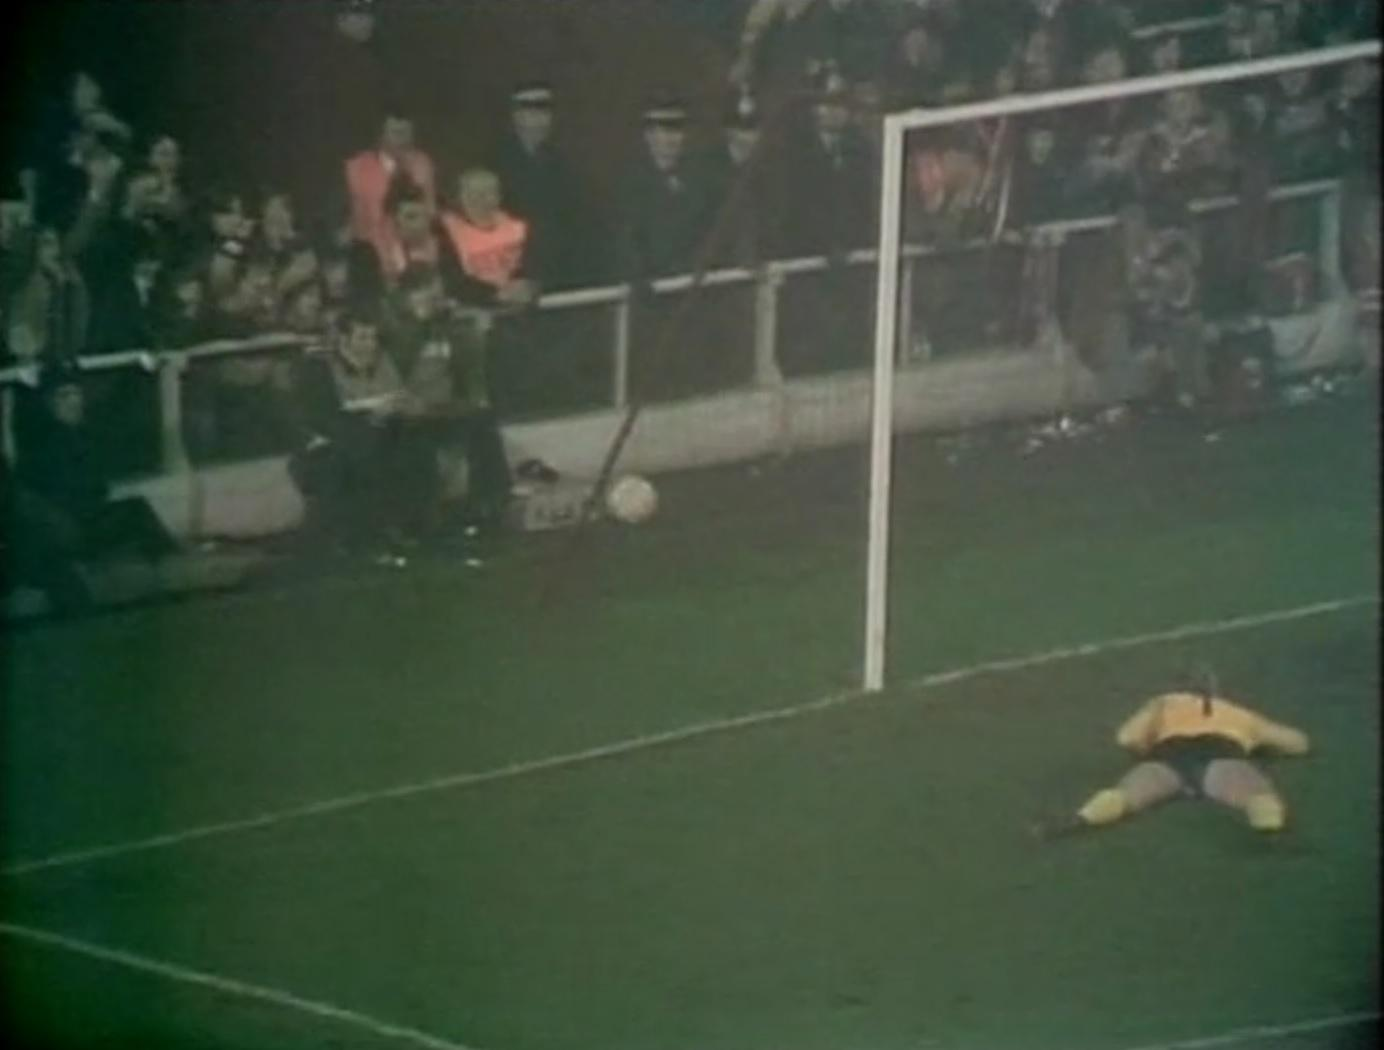 Piłka w bramce Śląska. Drugi gol Jimmy'ego Case'a w meczu Liverpool - Śląsk w Pucharze UEFA 1975/1976.